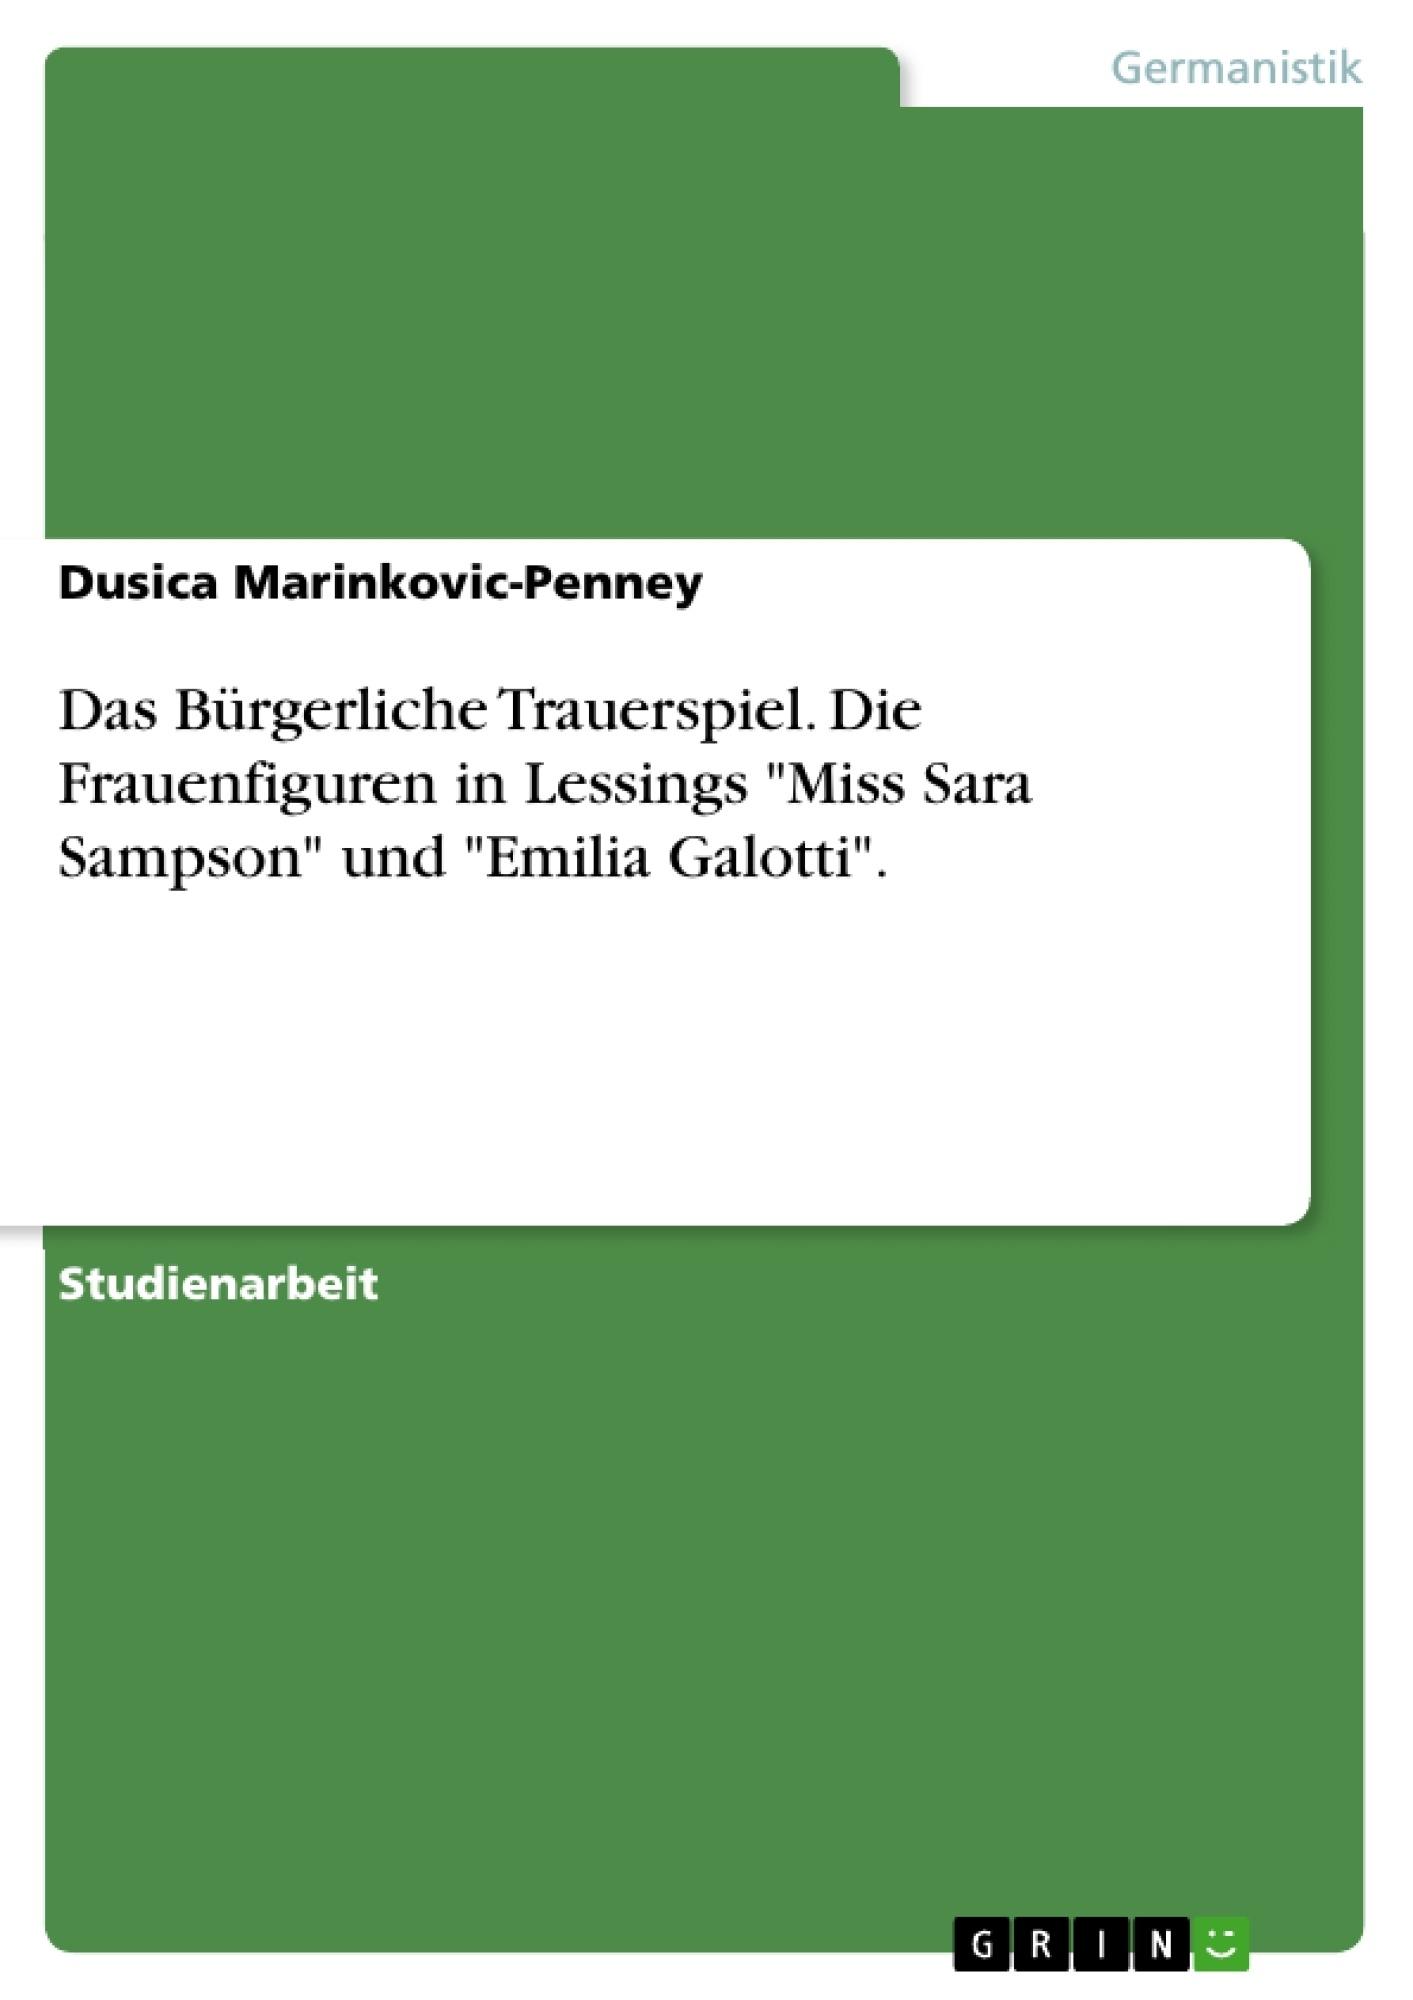 """Titel: Das Bürgerliche Trauerspiel. Die Frauenfiguren in Lessings """"Miss Sara Sampson"""" und """"Emilia Galotti""""."""